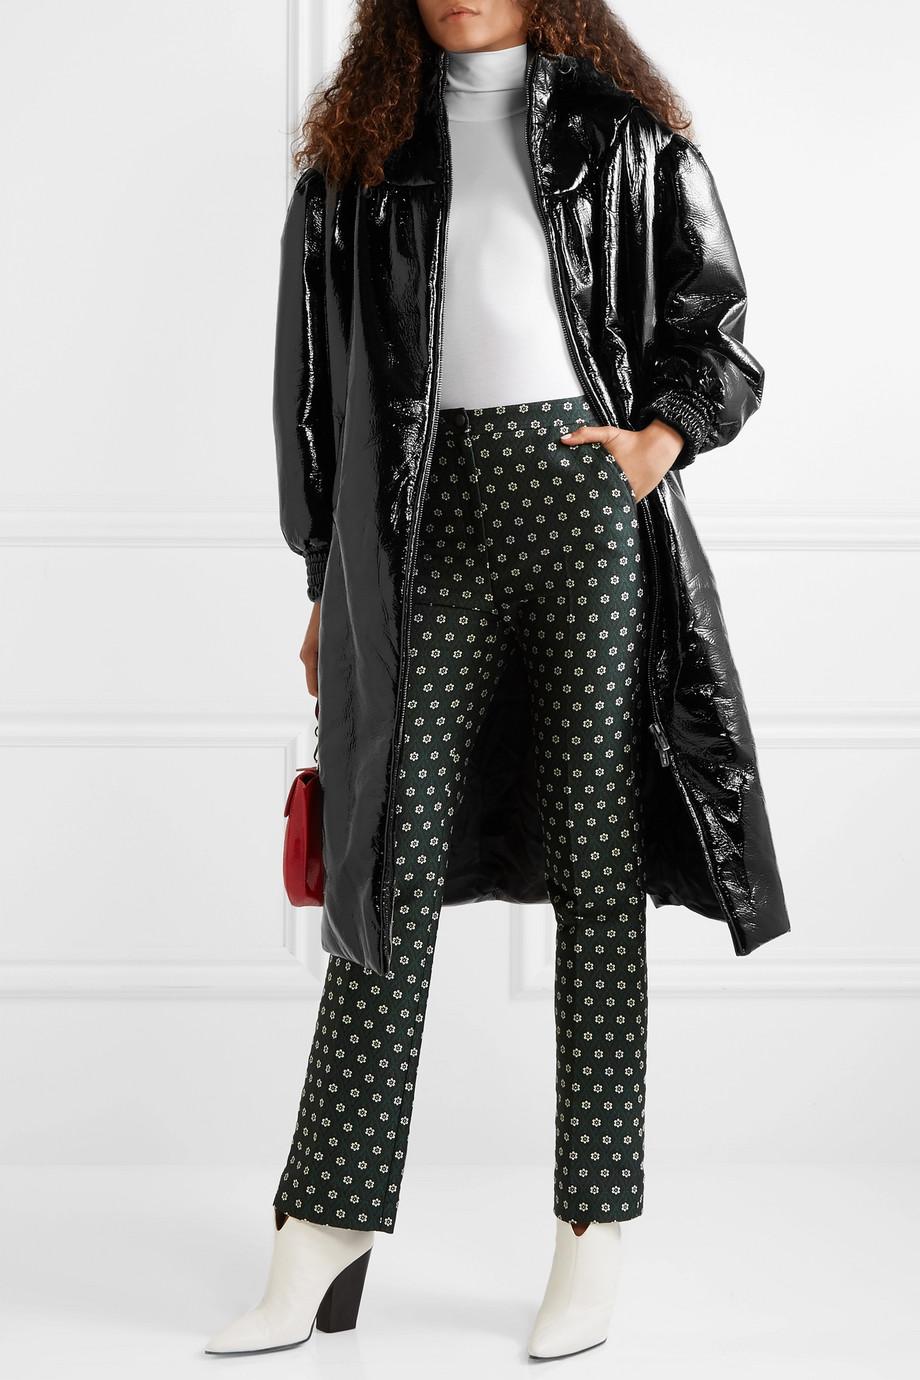 Miu Miu Belted vinyl coat